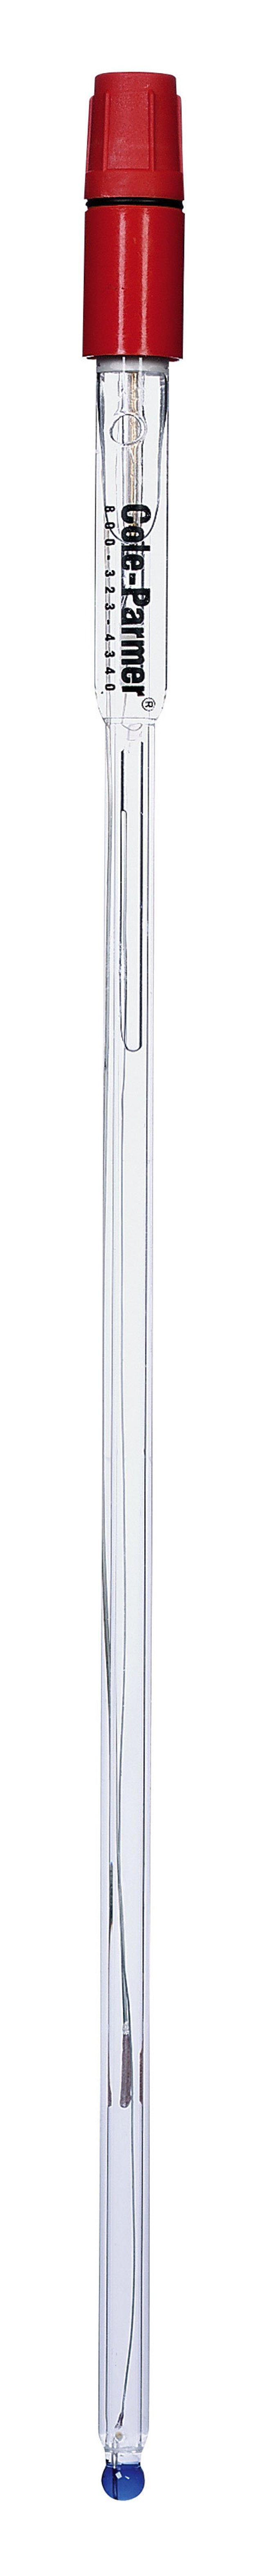 Cole-ParmerCole-Parmer Interchangeable Cable Refillable SJ Glass pH Probe;